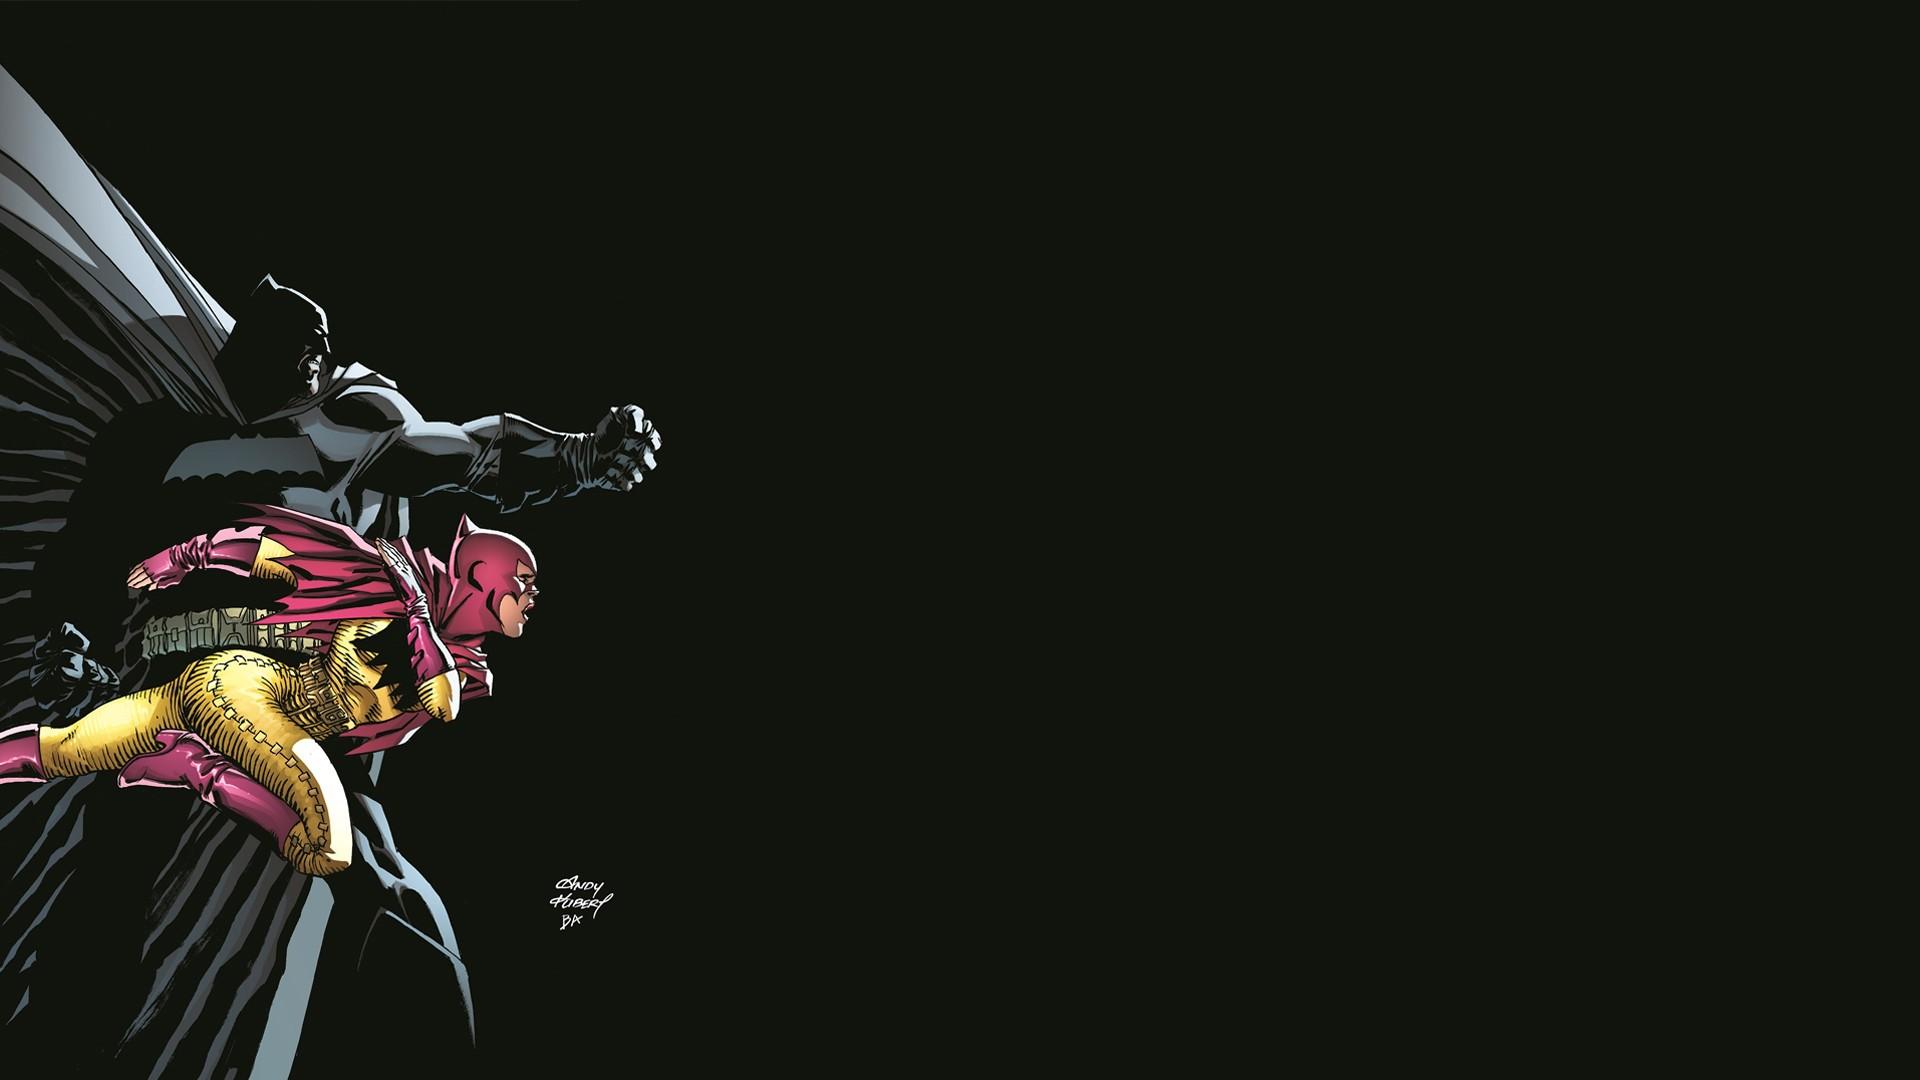 デスクトップ壁紙 Dcコミック バットマンダークナイト アンディ